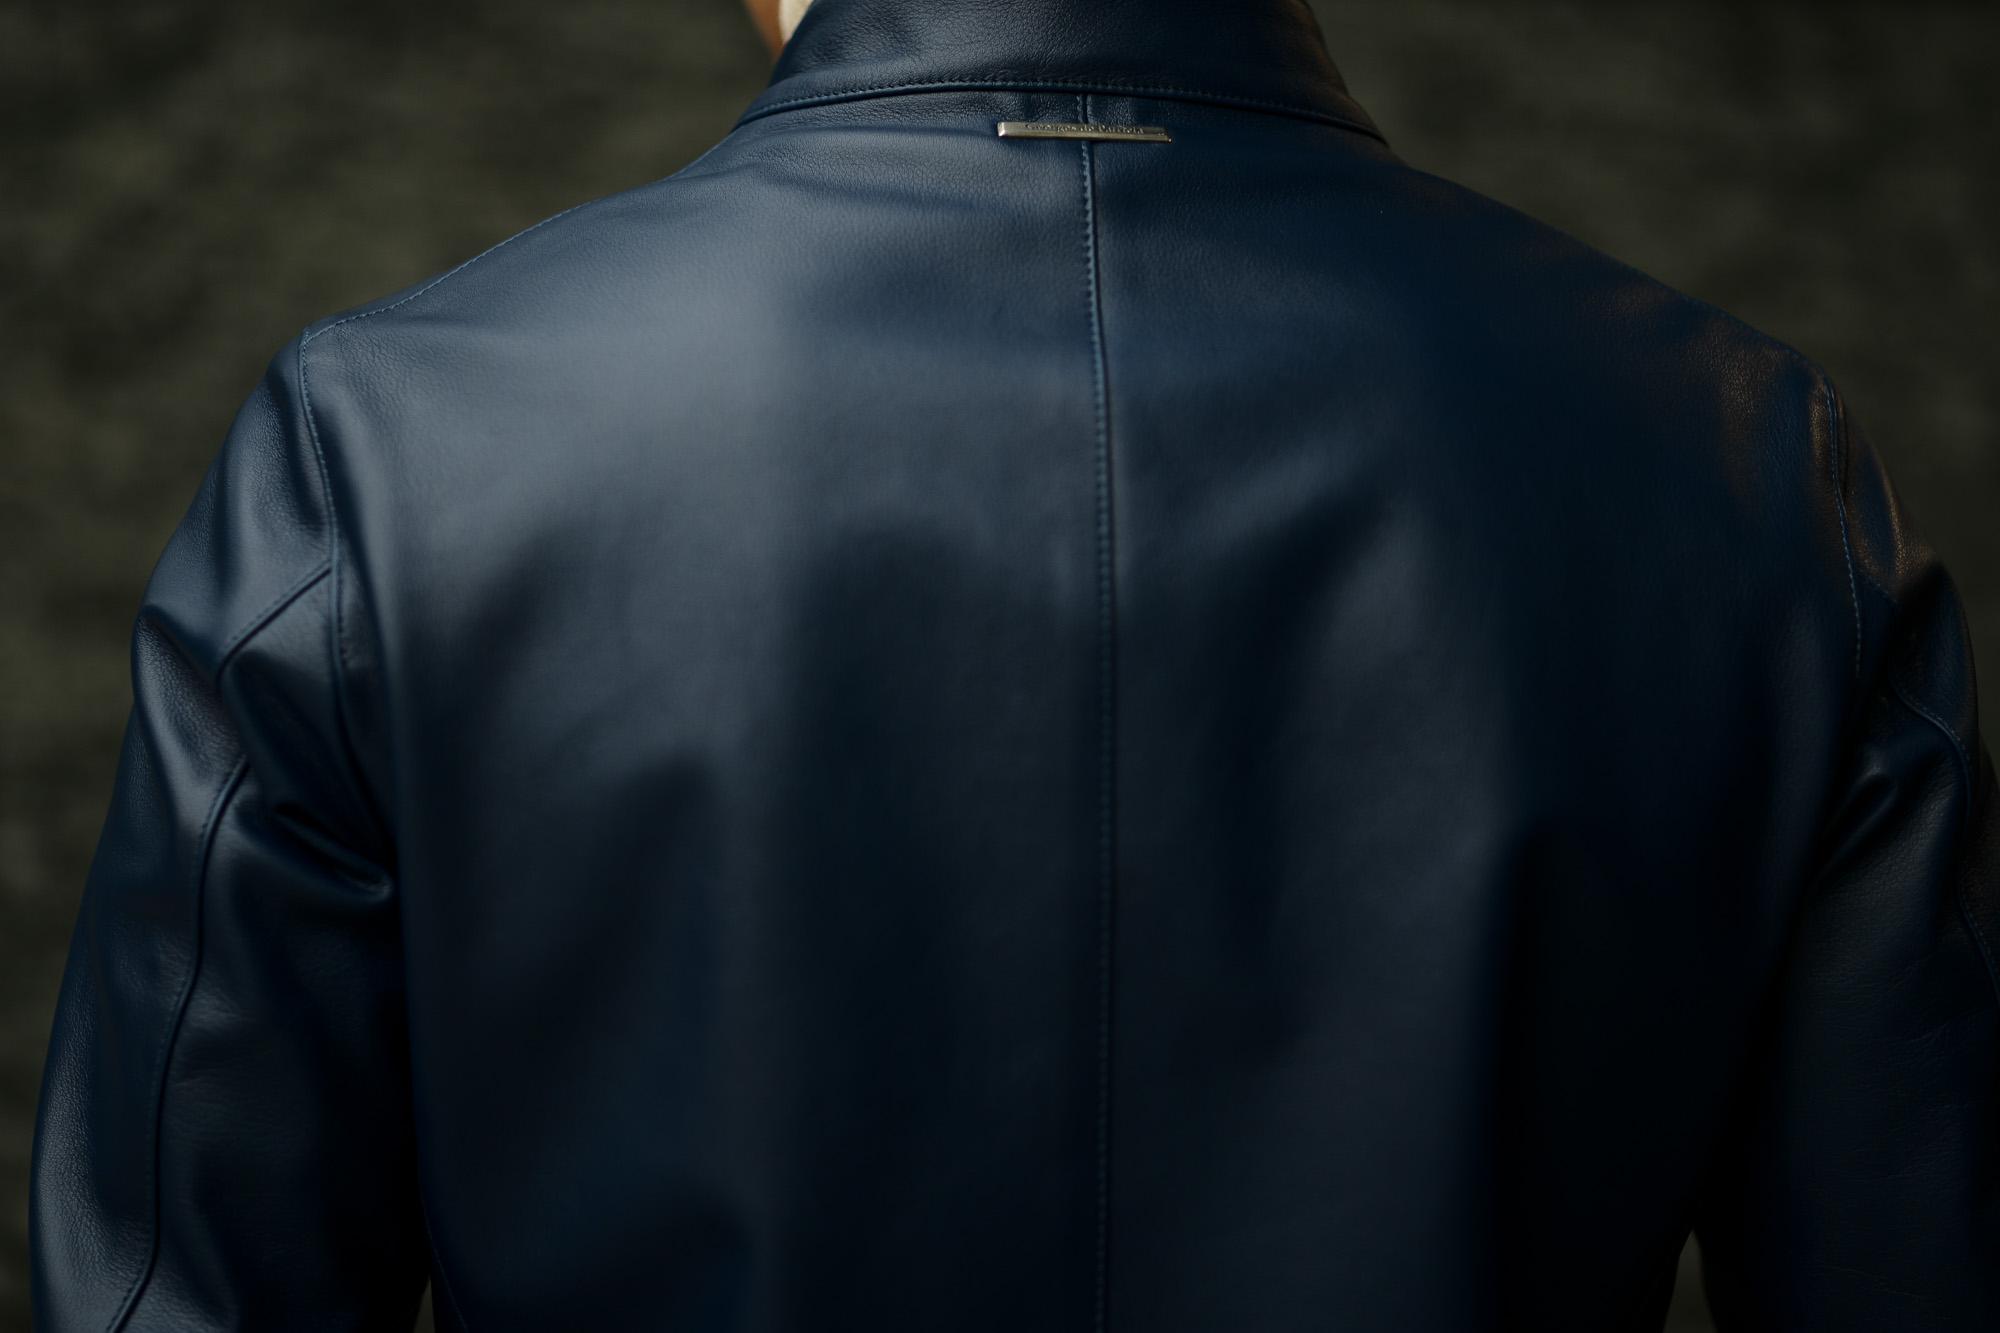 Georges de Patricia (ジョルジュ ド パトリシア) Carrera (カレラ) 925 STERLING SILVER (925 スターリングシルバー) Toulouse Cow Leather(トゥールーズ カウレザー) シングルライダースジャケット Patricia Blue (パトリシア ブルー) 2020 【限定スペシャルカラー】【ご予約受付中】georgesdepatricia ジョルジュドパトリシア 愛知 名古屋 altoediritto